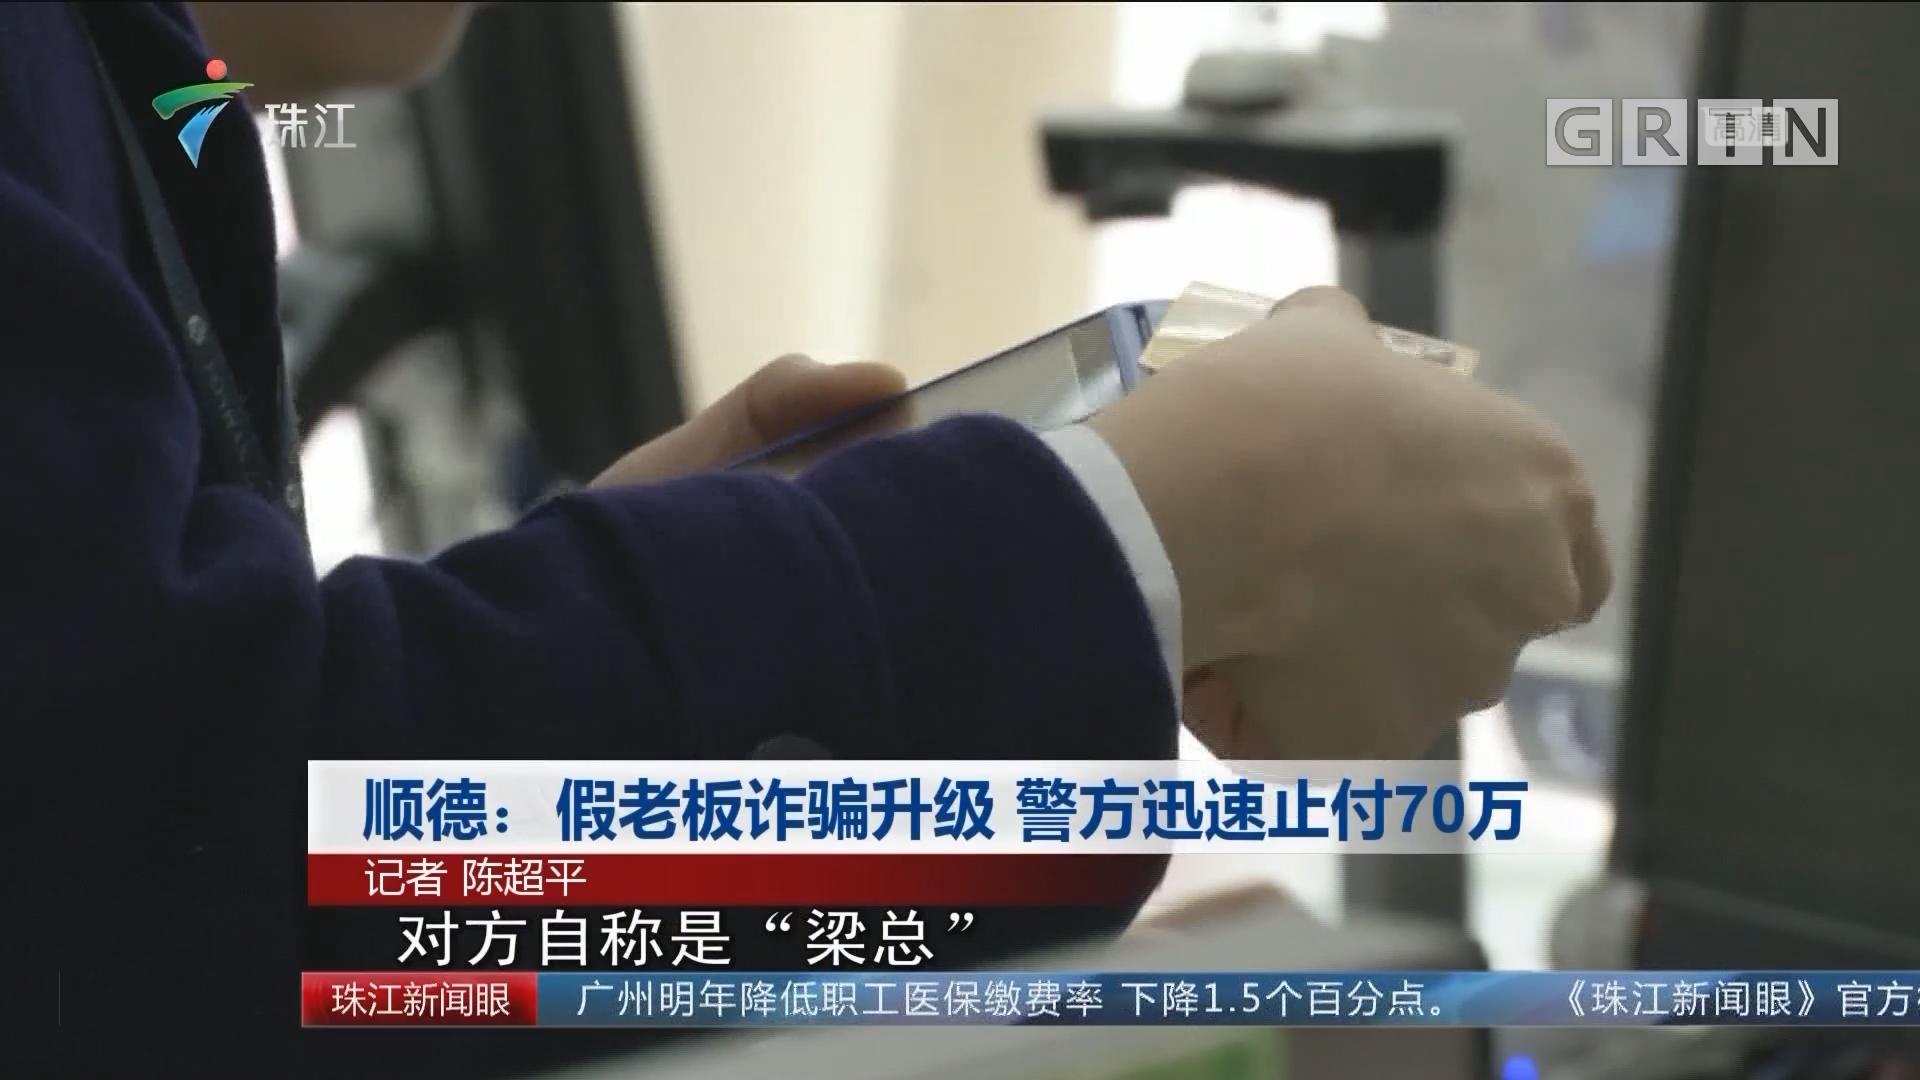 顺德:假老板诈骗升级 警方迅速止付70万